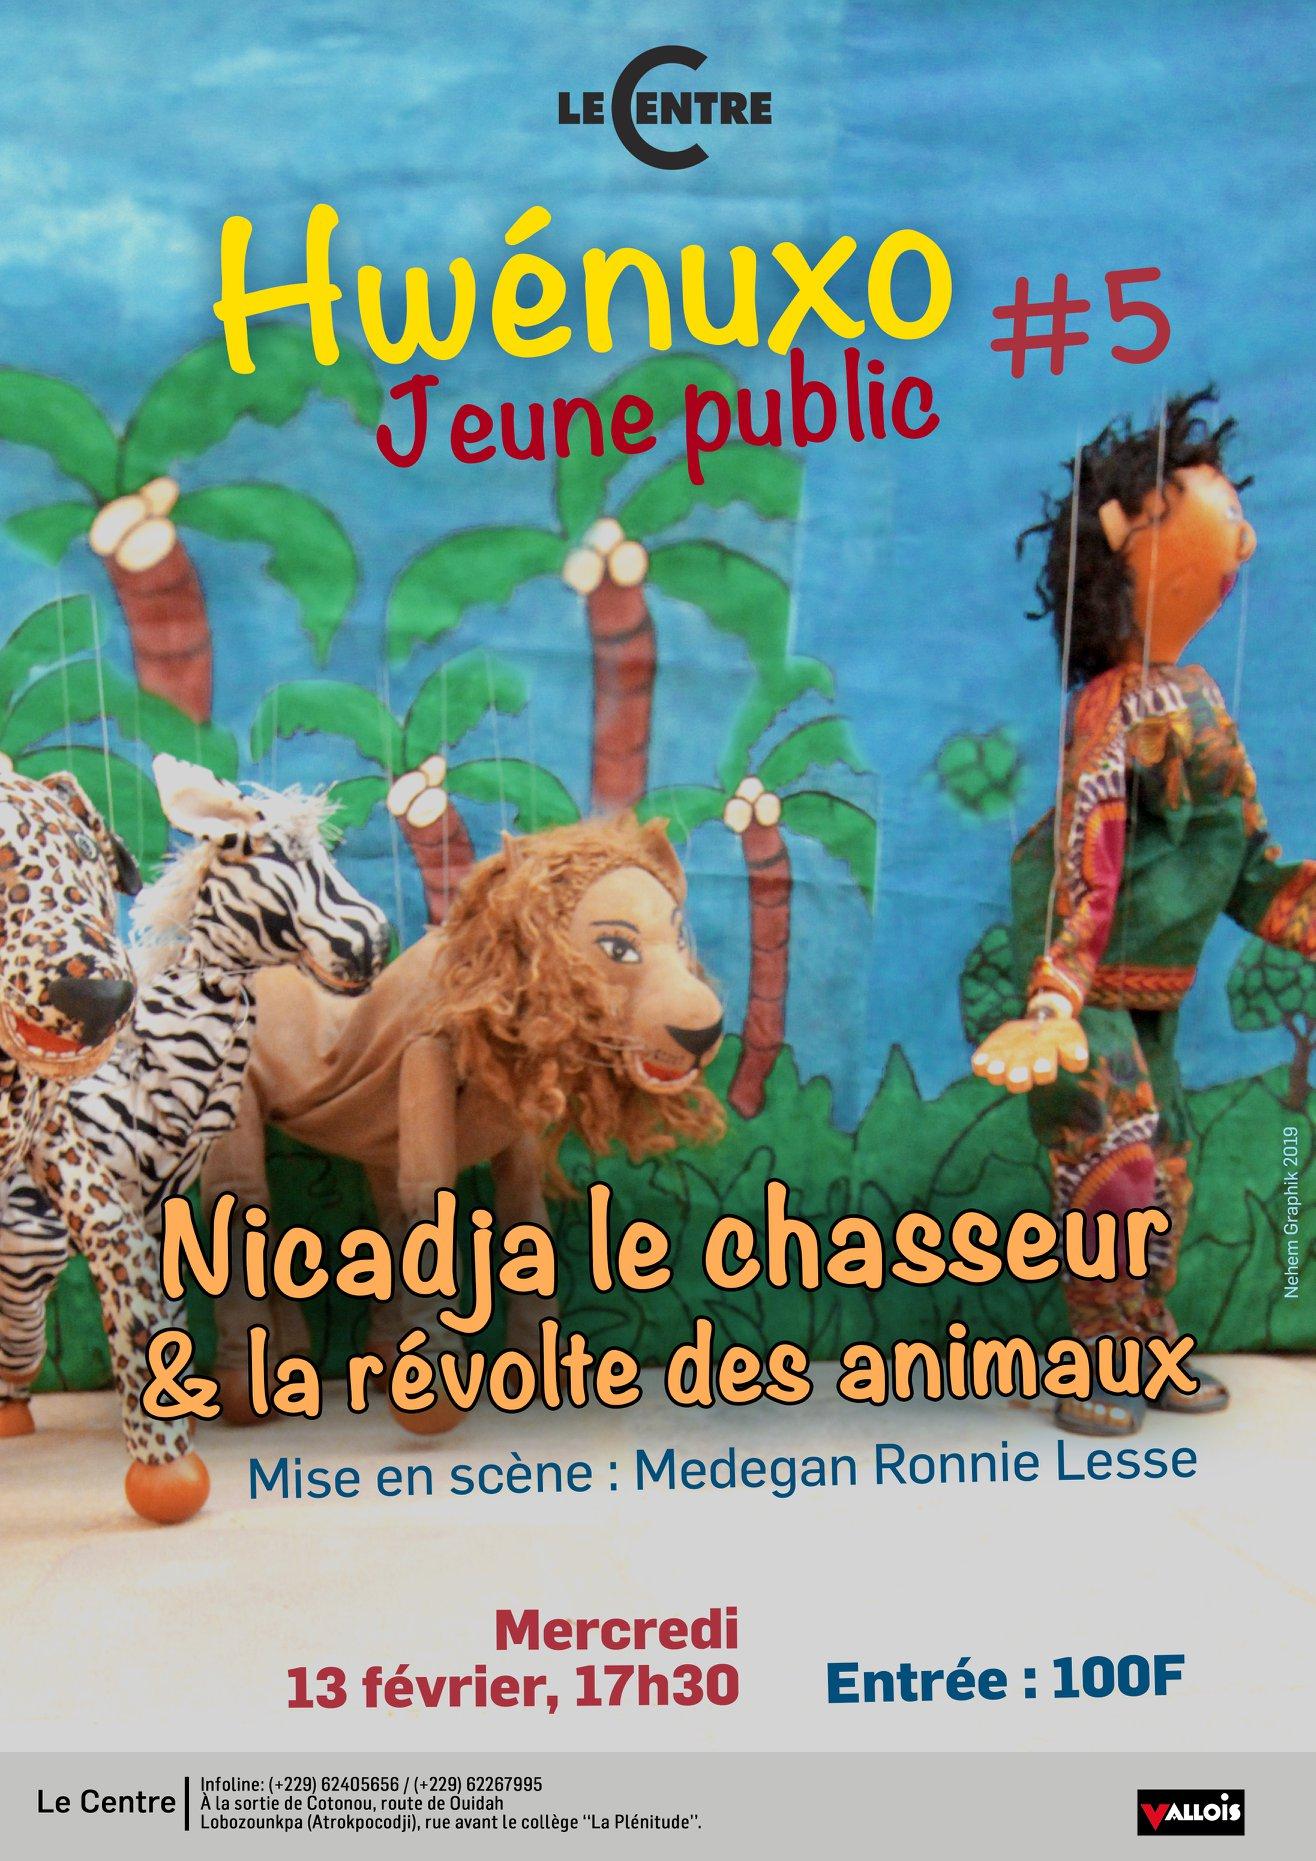 Hwenuxo #5,